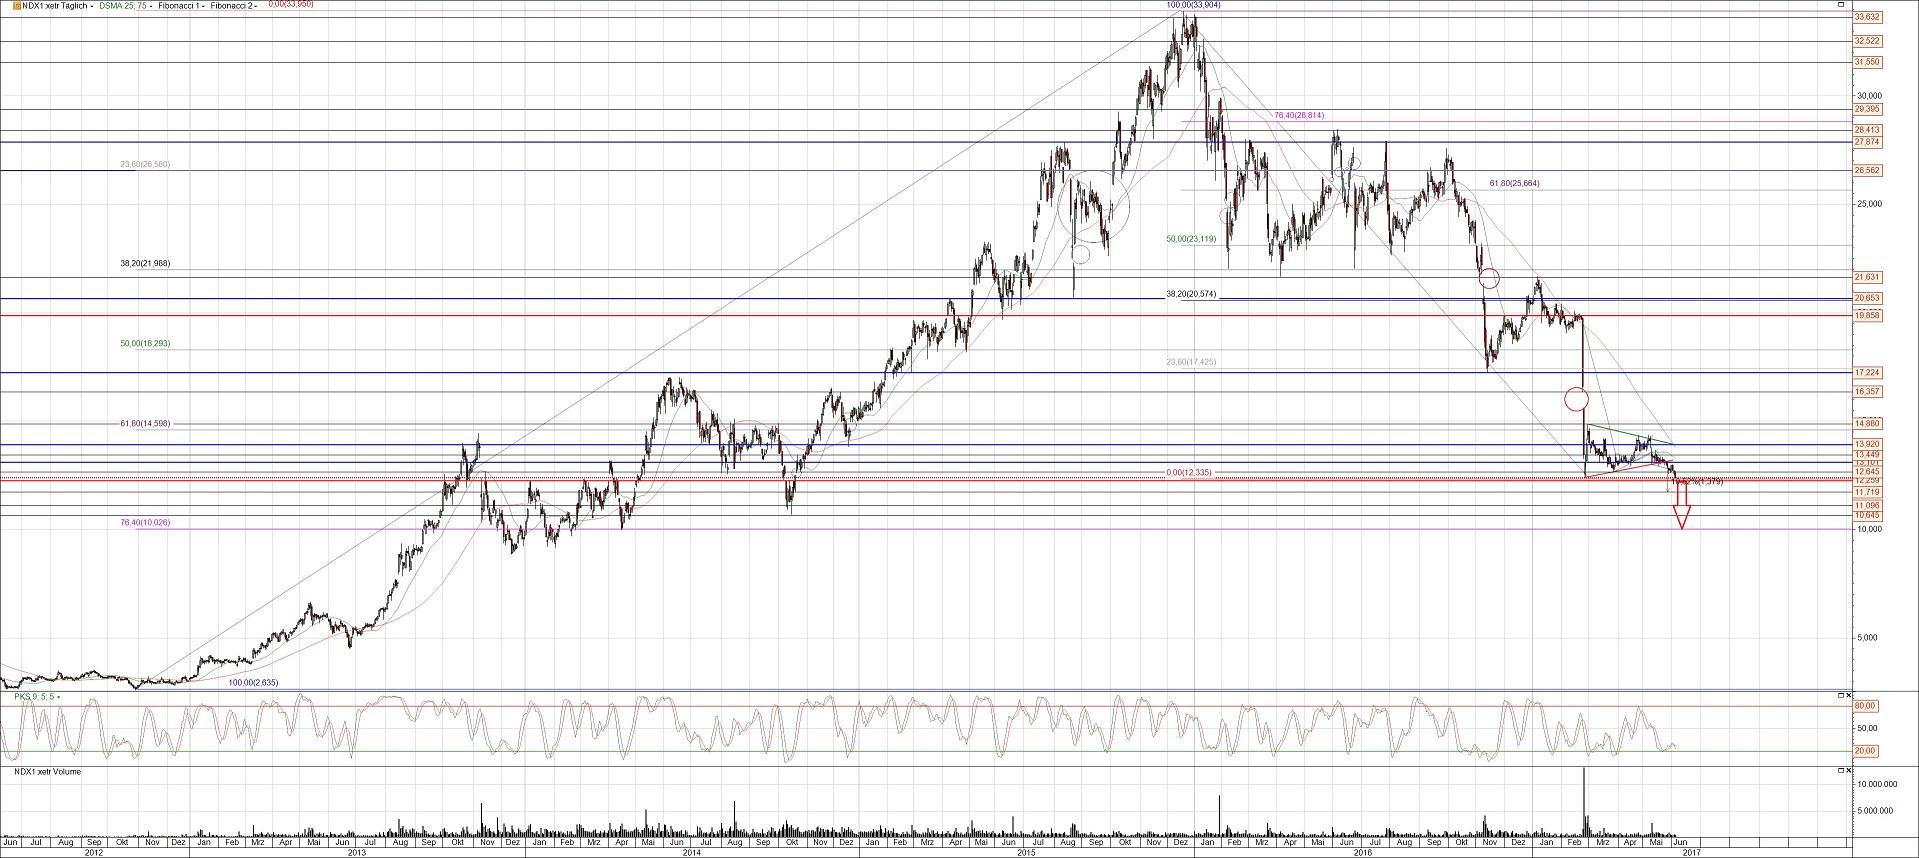 Nordex Aktie Chart Analyse